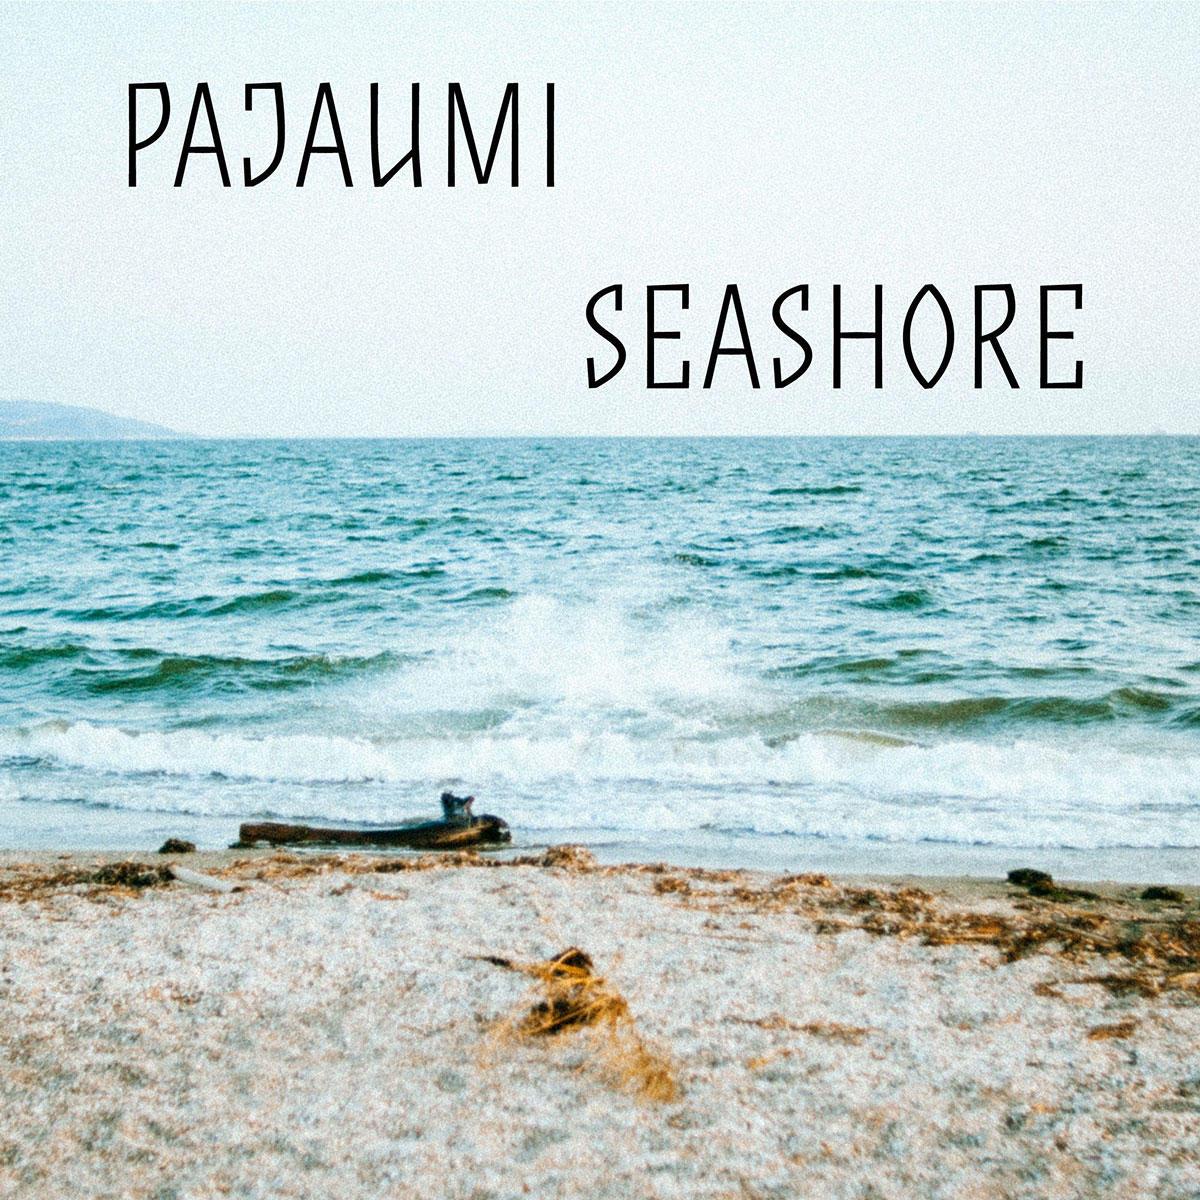 pajyami_jk_seashore_1200_20200902.jpg